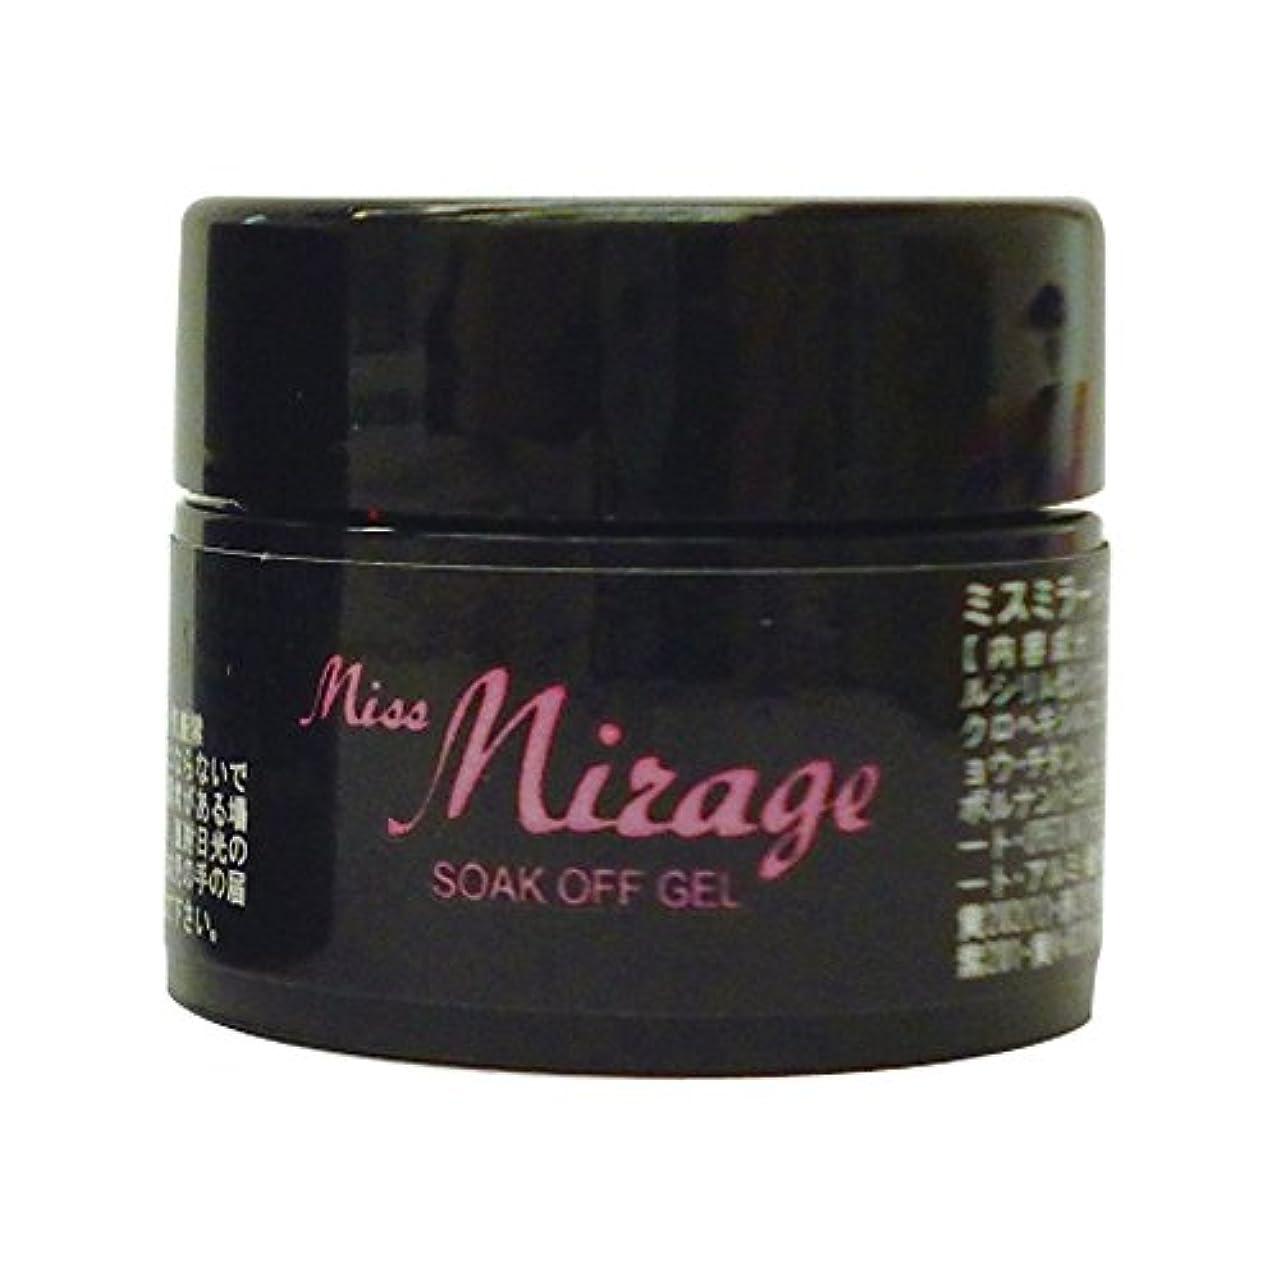 どこにでもと雑草プロ用カラージェル MISS MIRAGE ミスミラージュ ソークオフジェル NM79S UV/LED対応